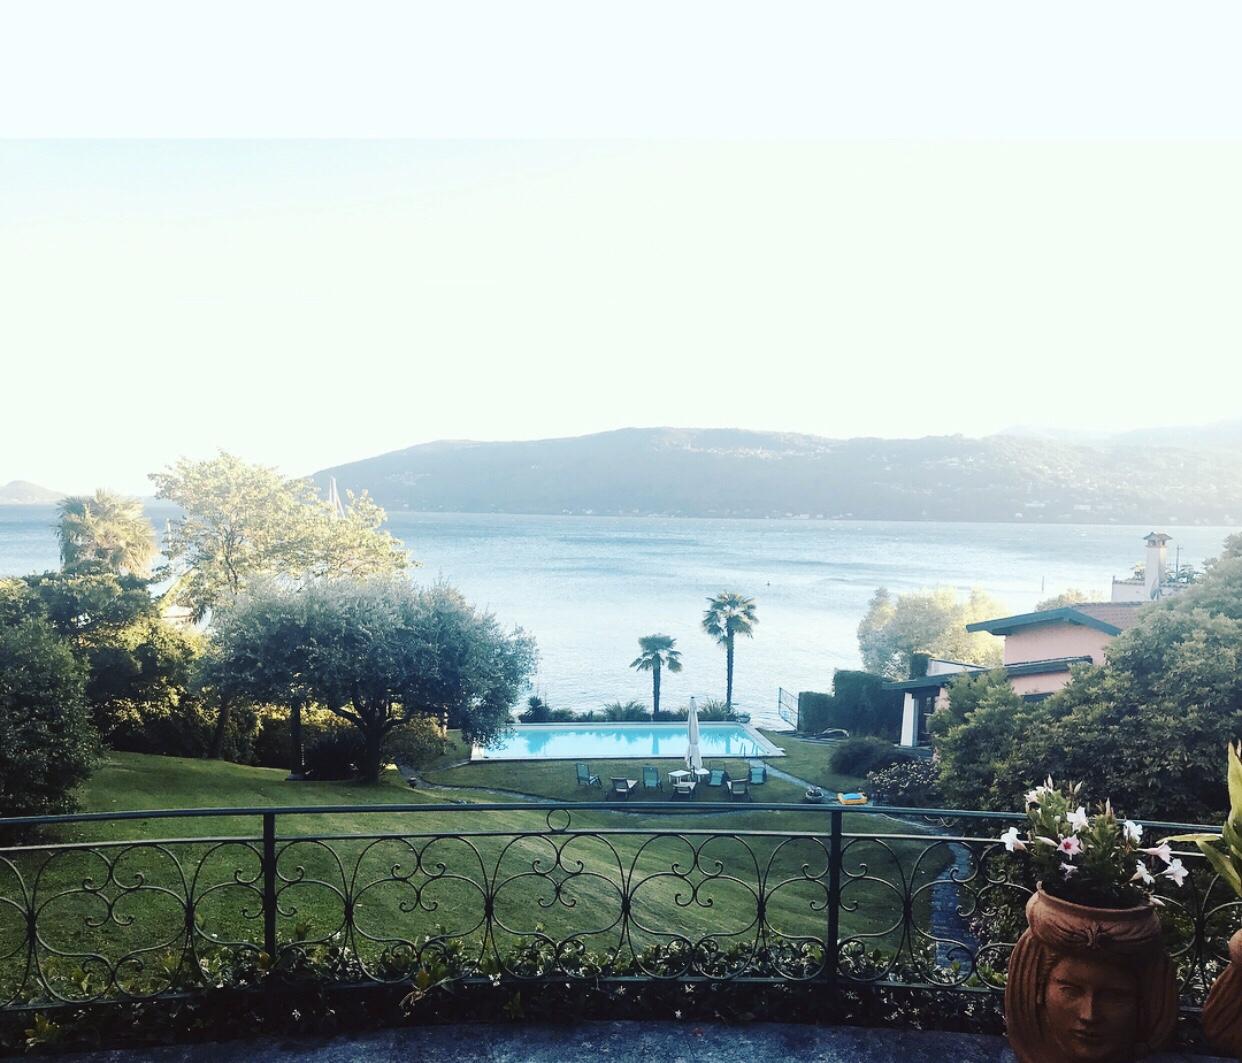 raychel-says-milano-duomo-lake-Maggiore-italy-travel